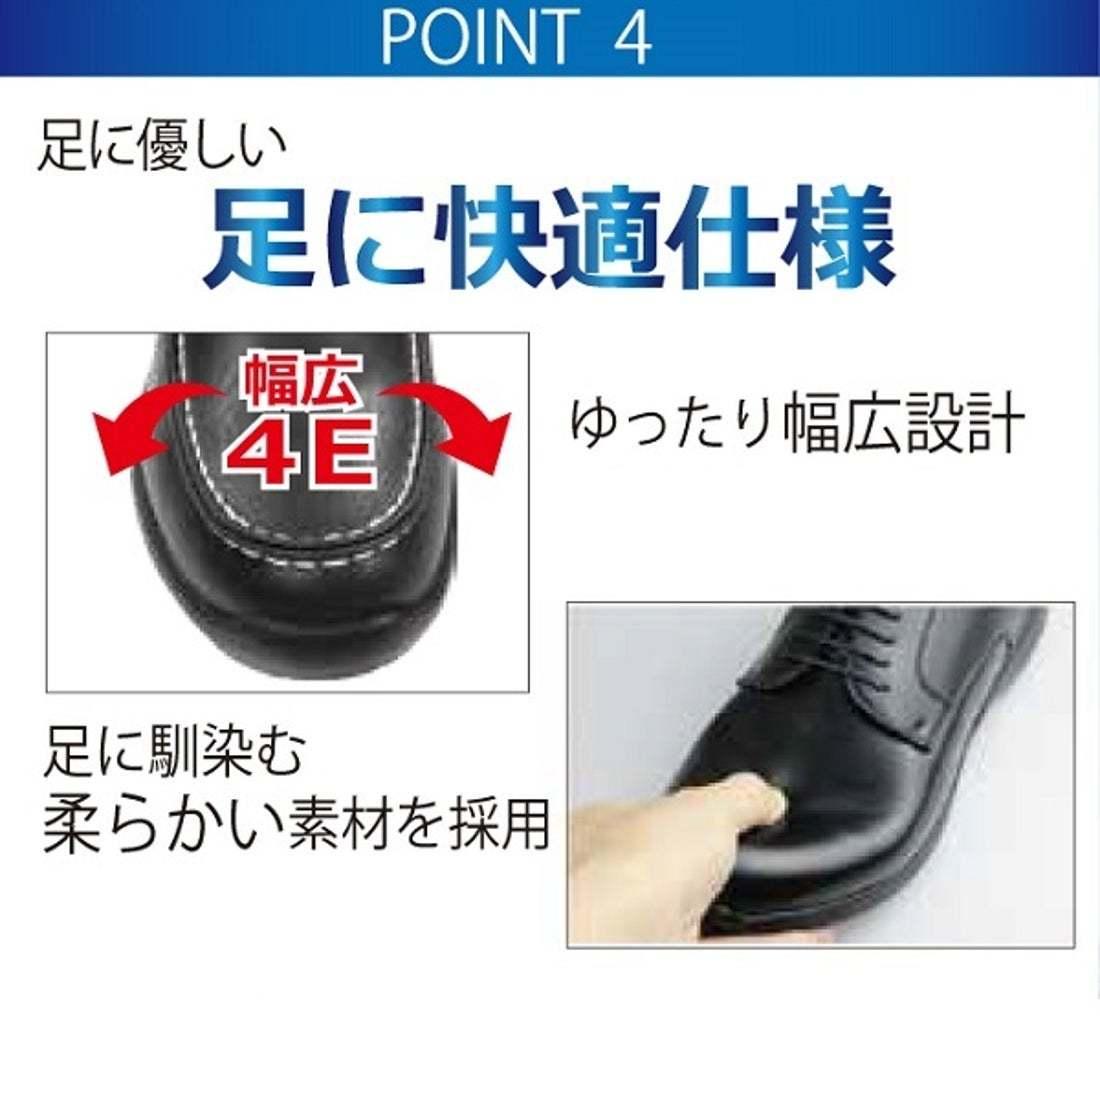 【安い】【超軽量】【防水】【幅広】GRAVITY FREE メンズ ウォーキング ビジネスシューズ 紳士靴 革靴 606 スリッポン ブラウン 茶 25.0cm